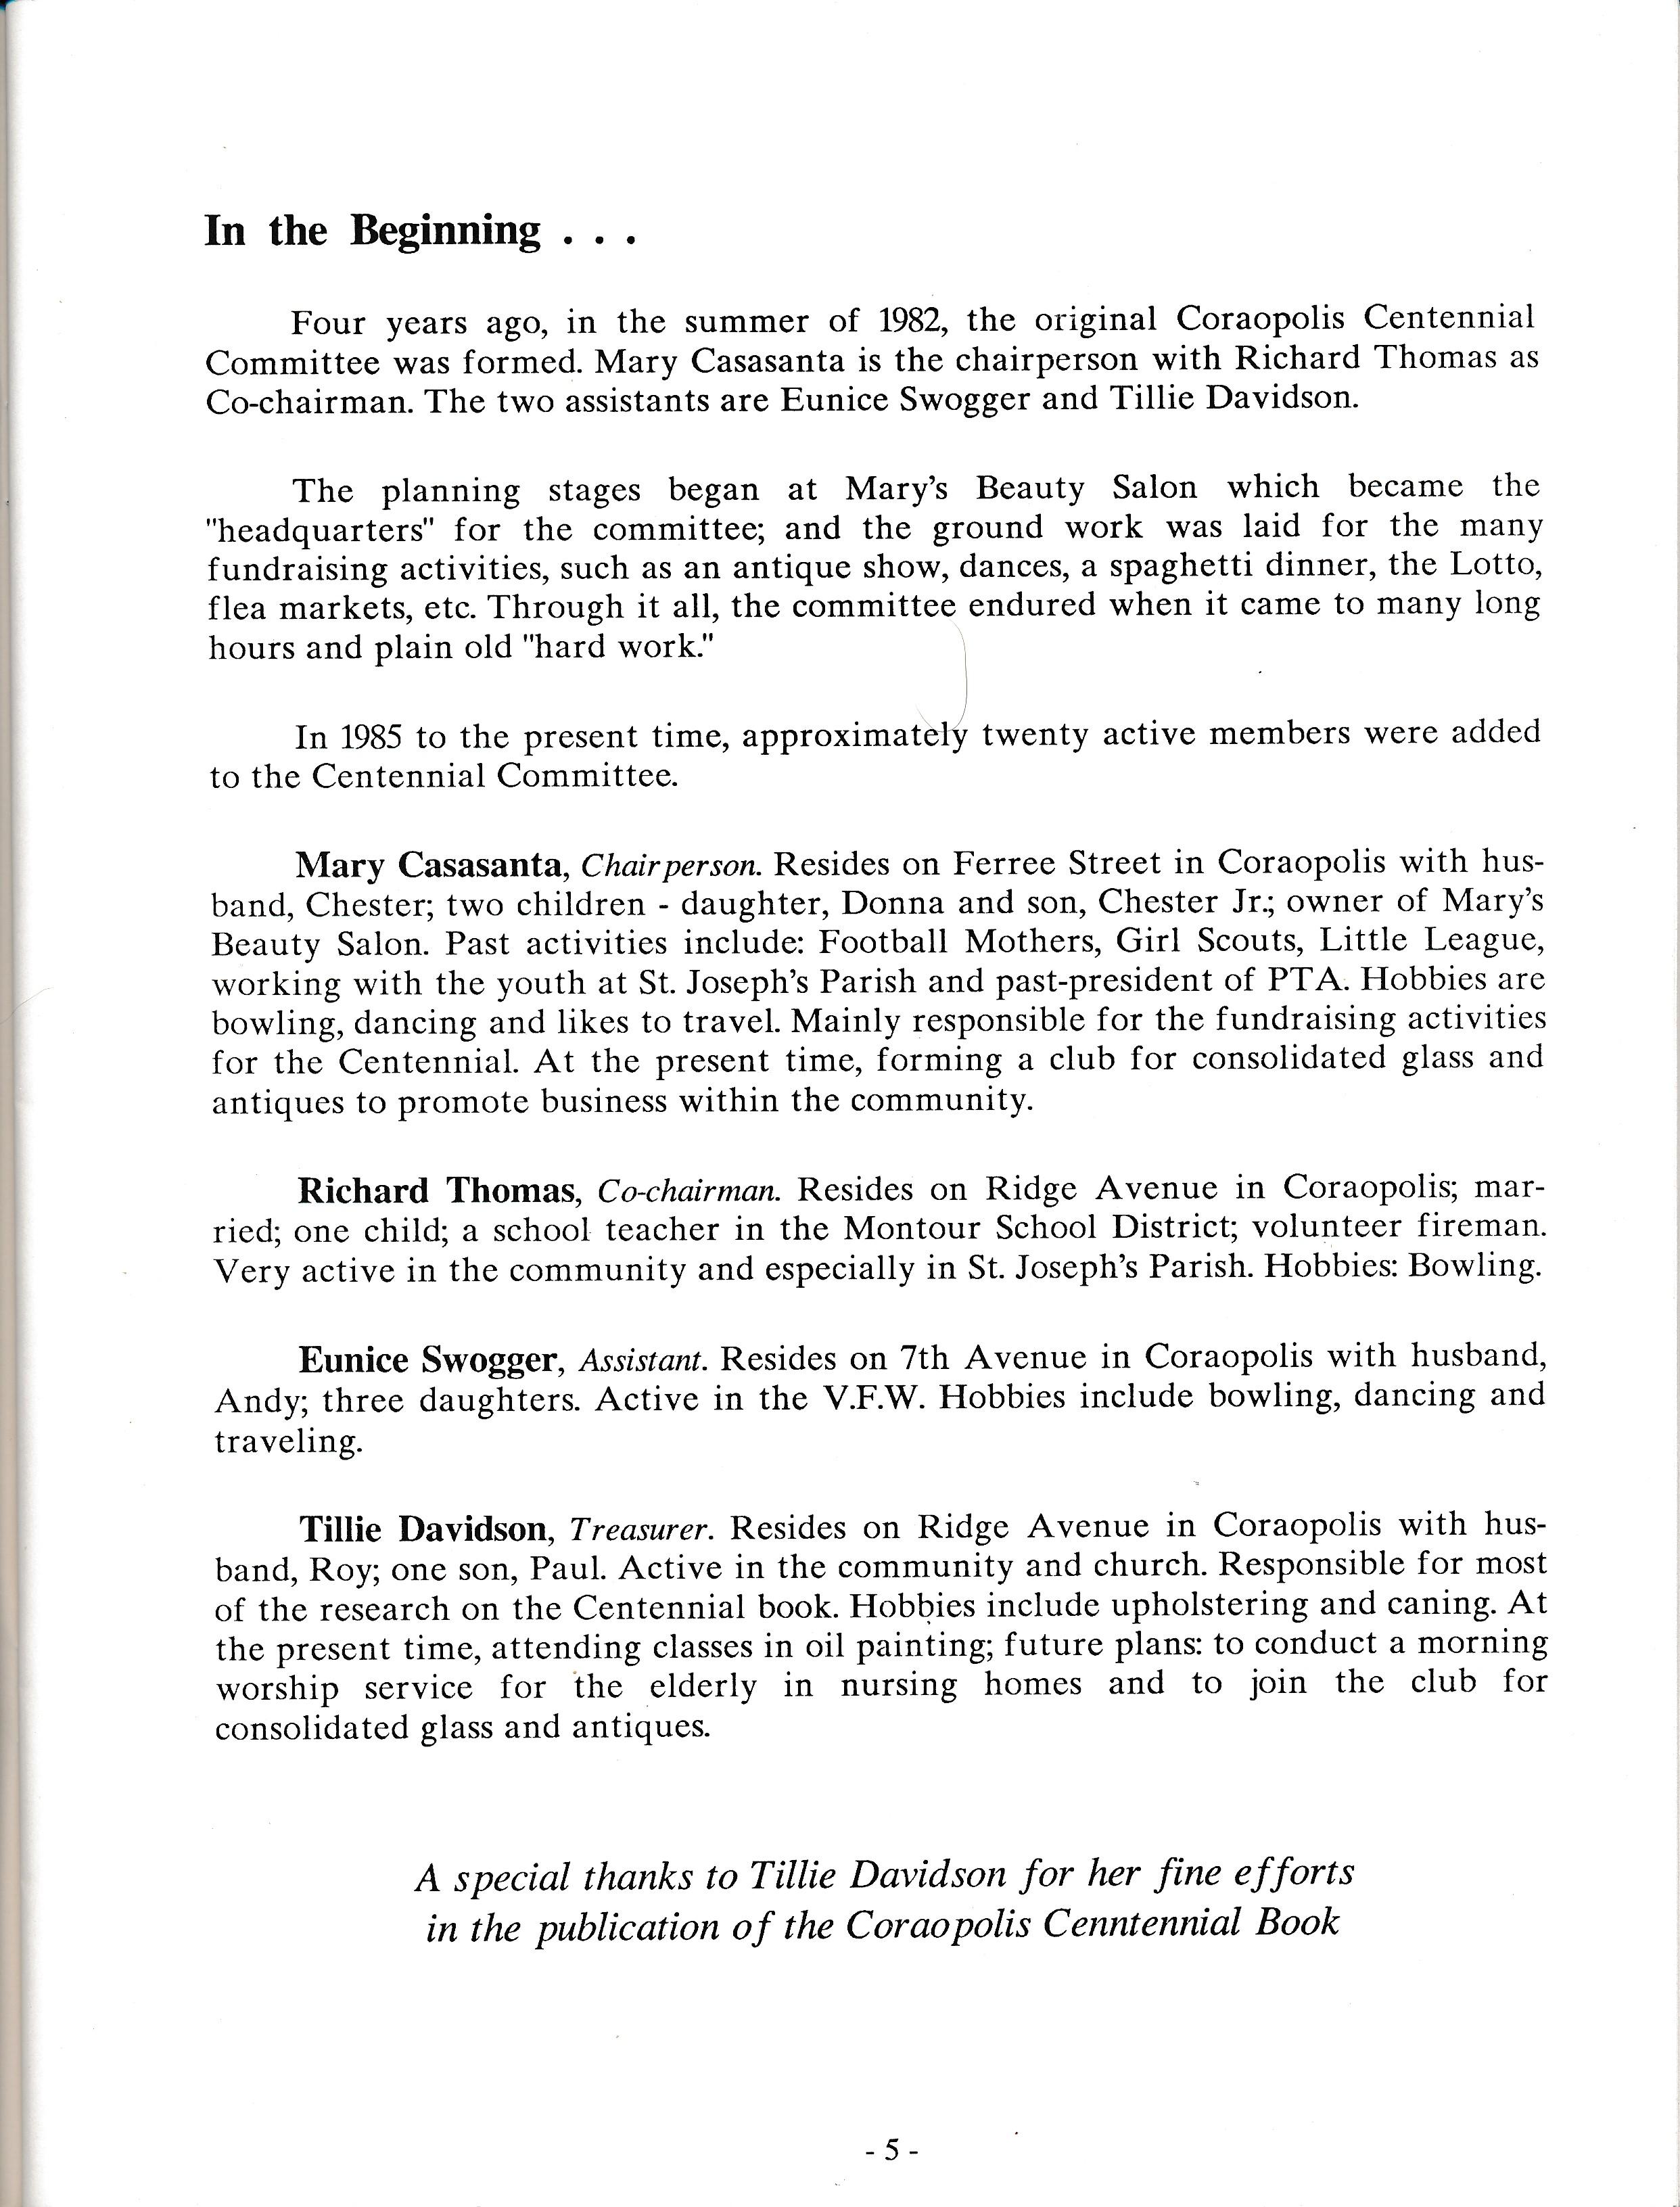 Coraopolis Centennial Booklet (7).jpg